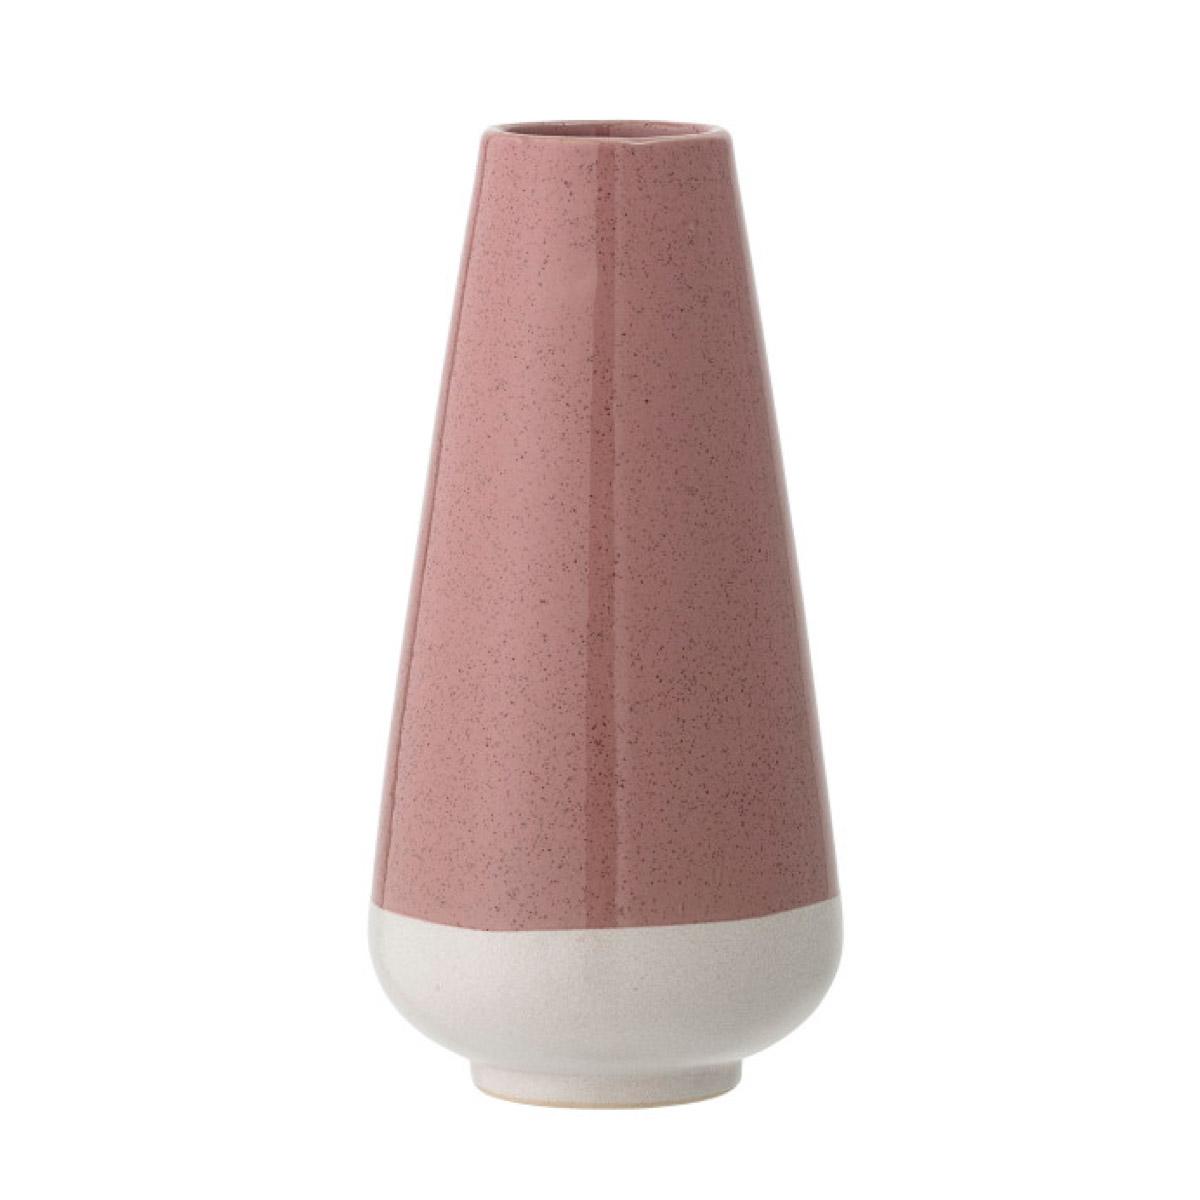 Rose stoneware vase